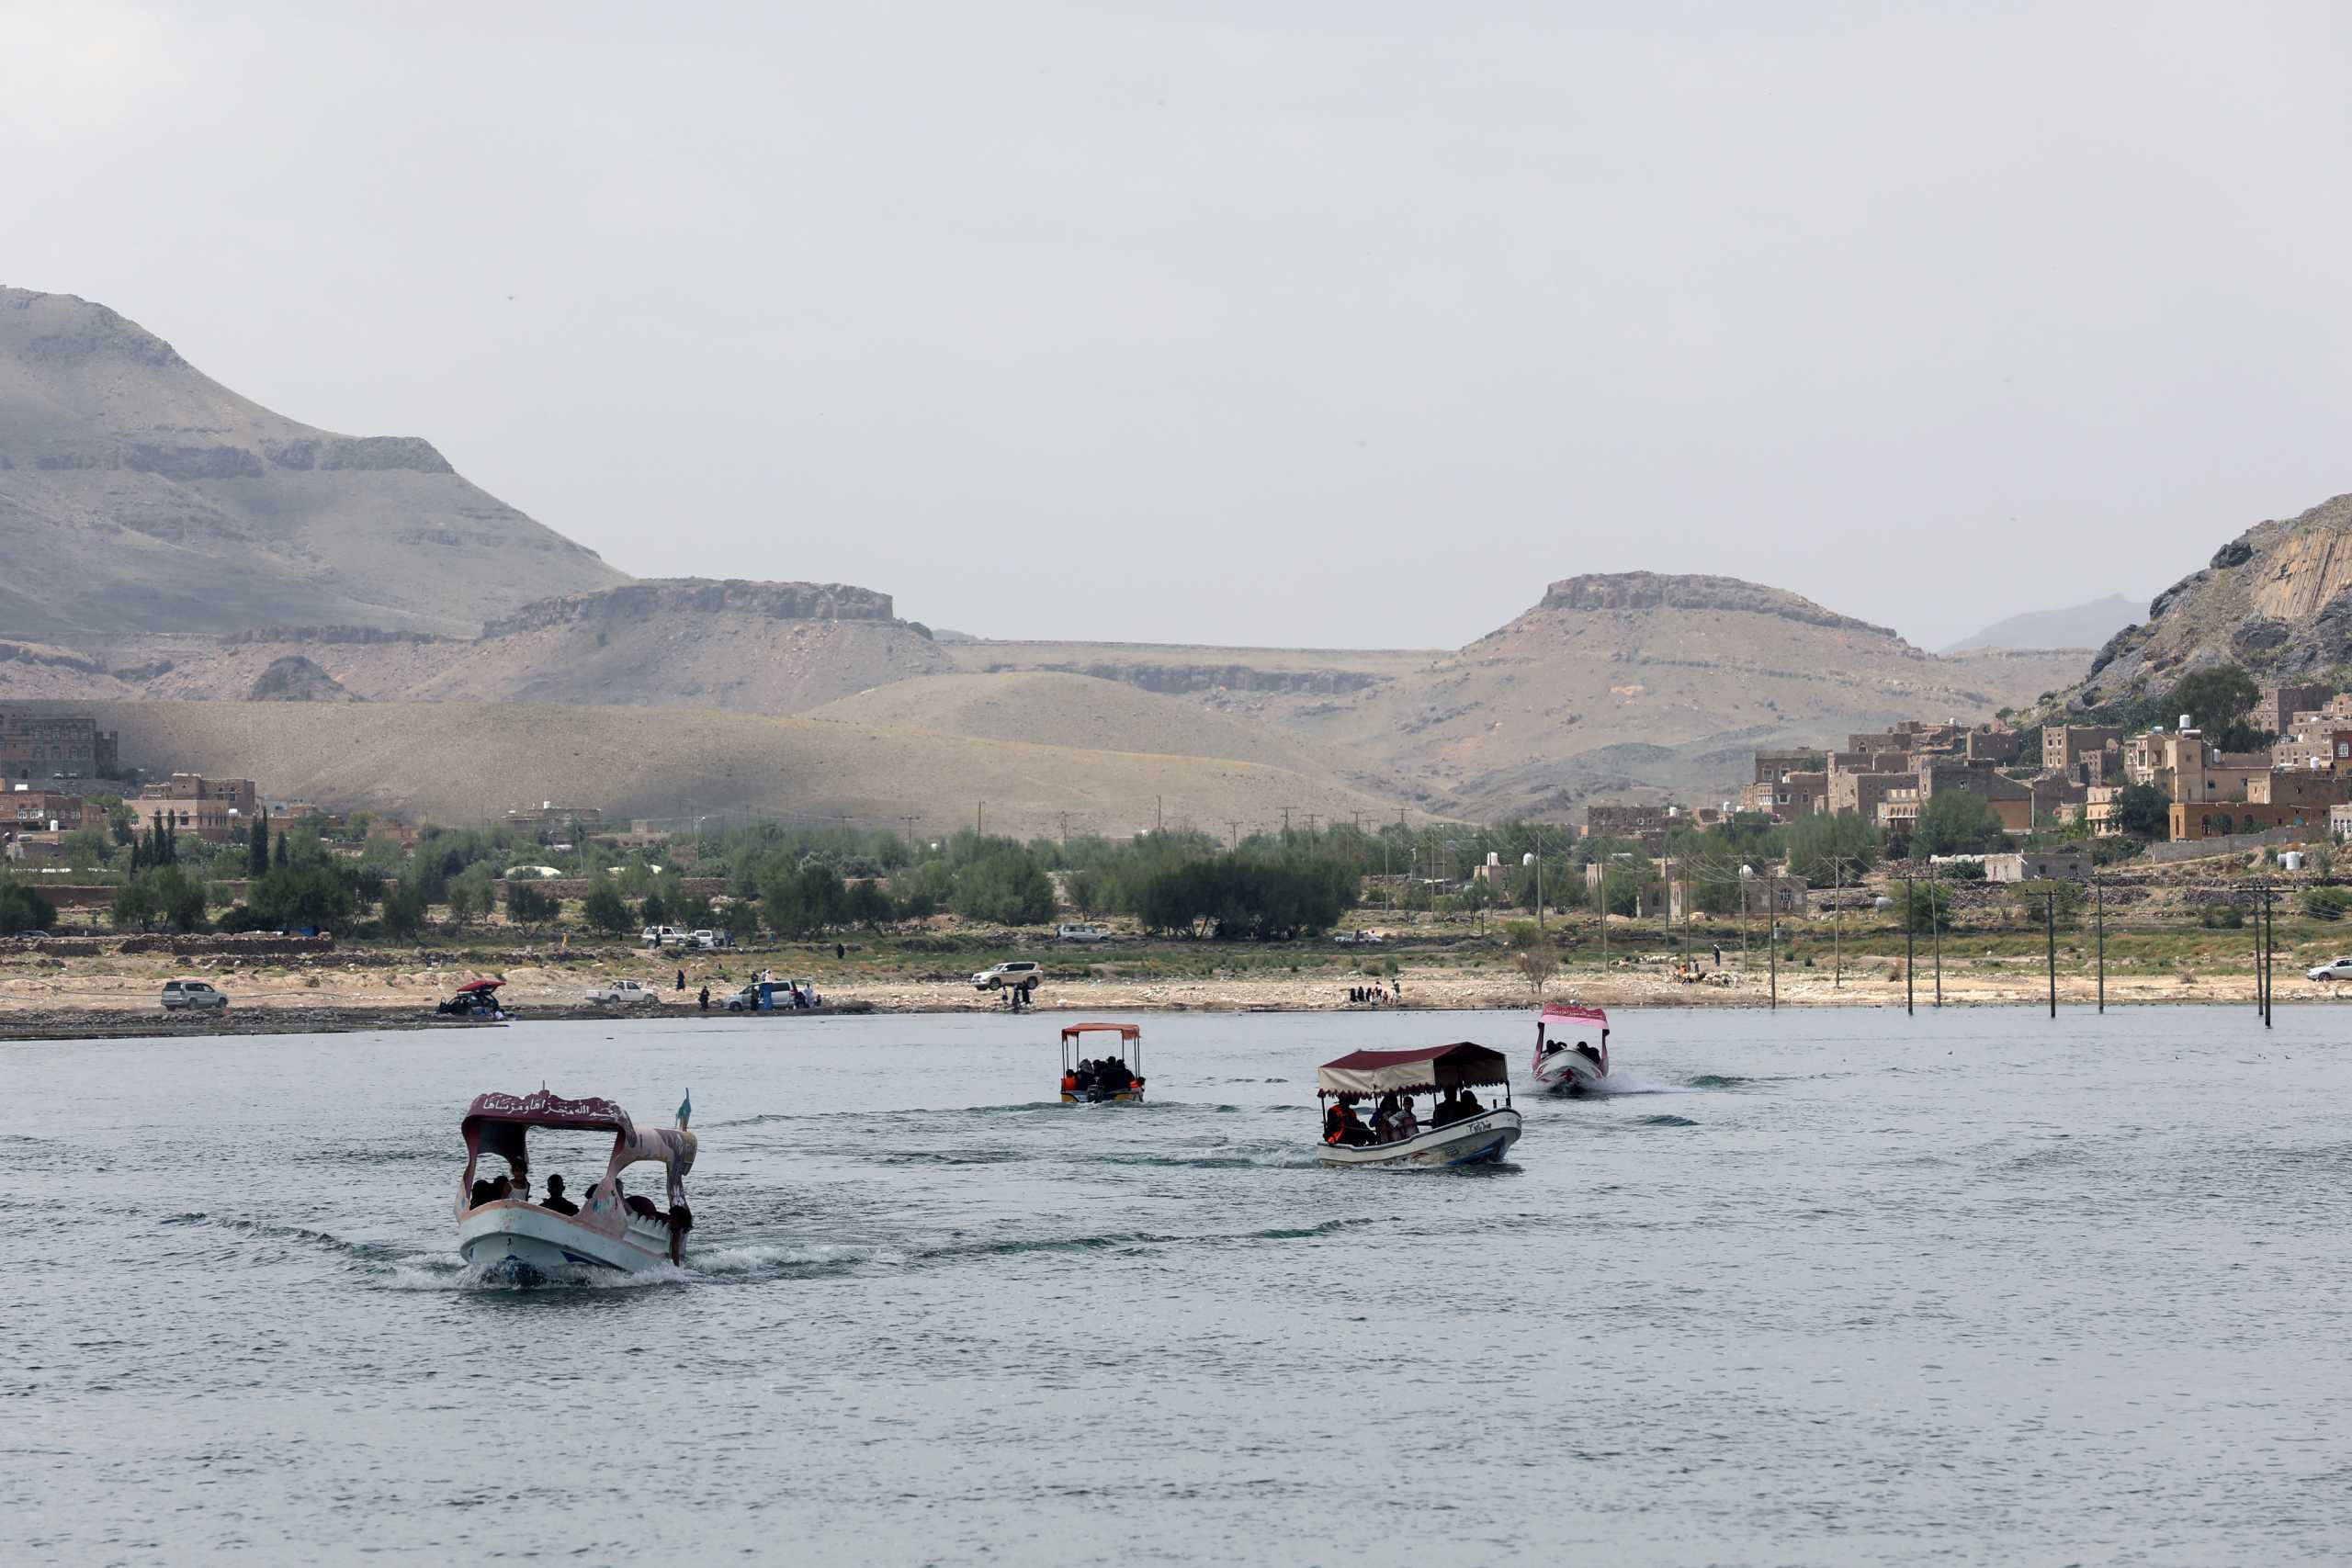 Υεμένη: 25 πτώματα μεταναστών βρέθηκαν στις ακτές της χώρας